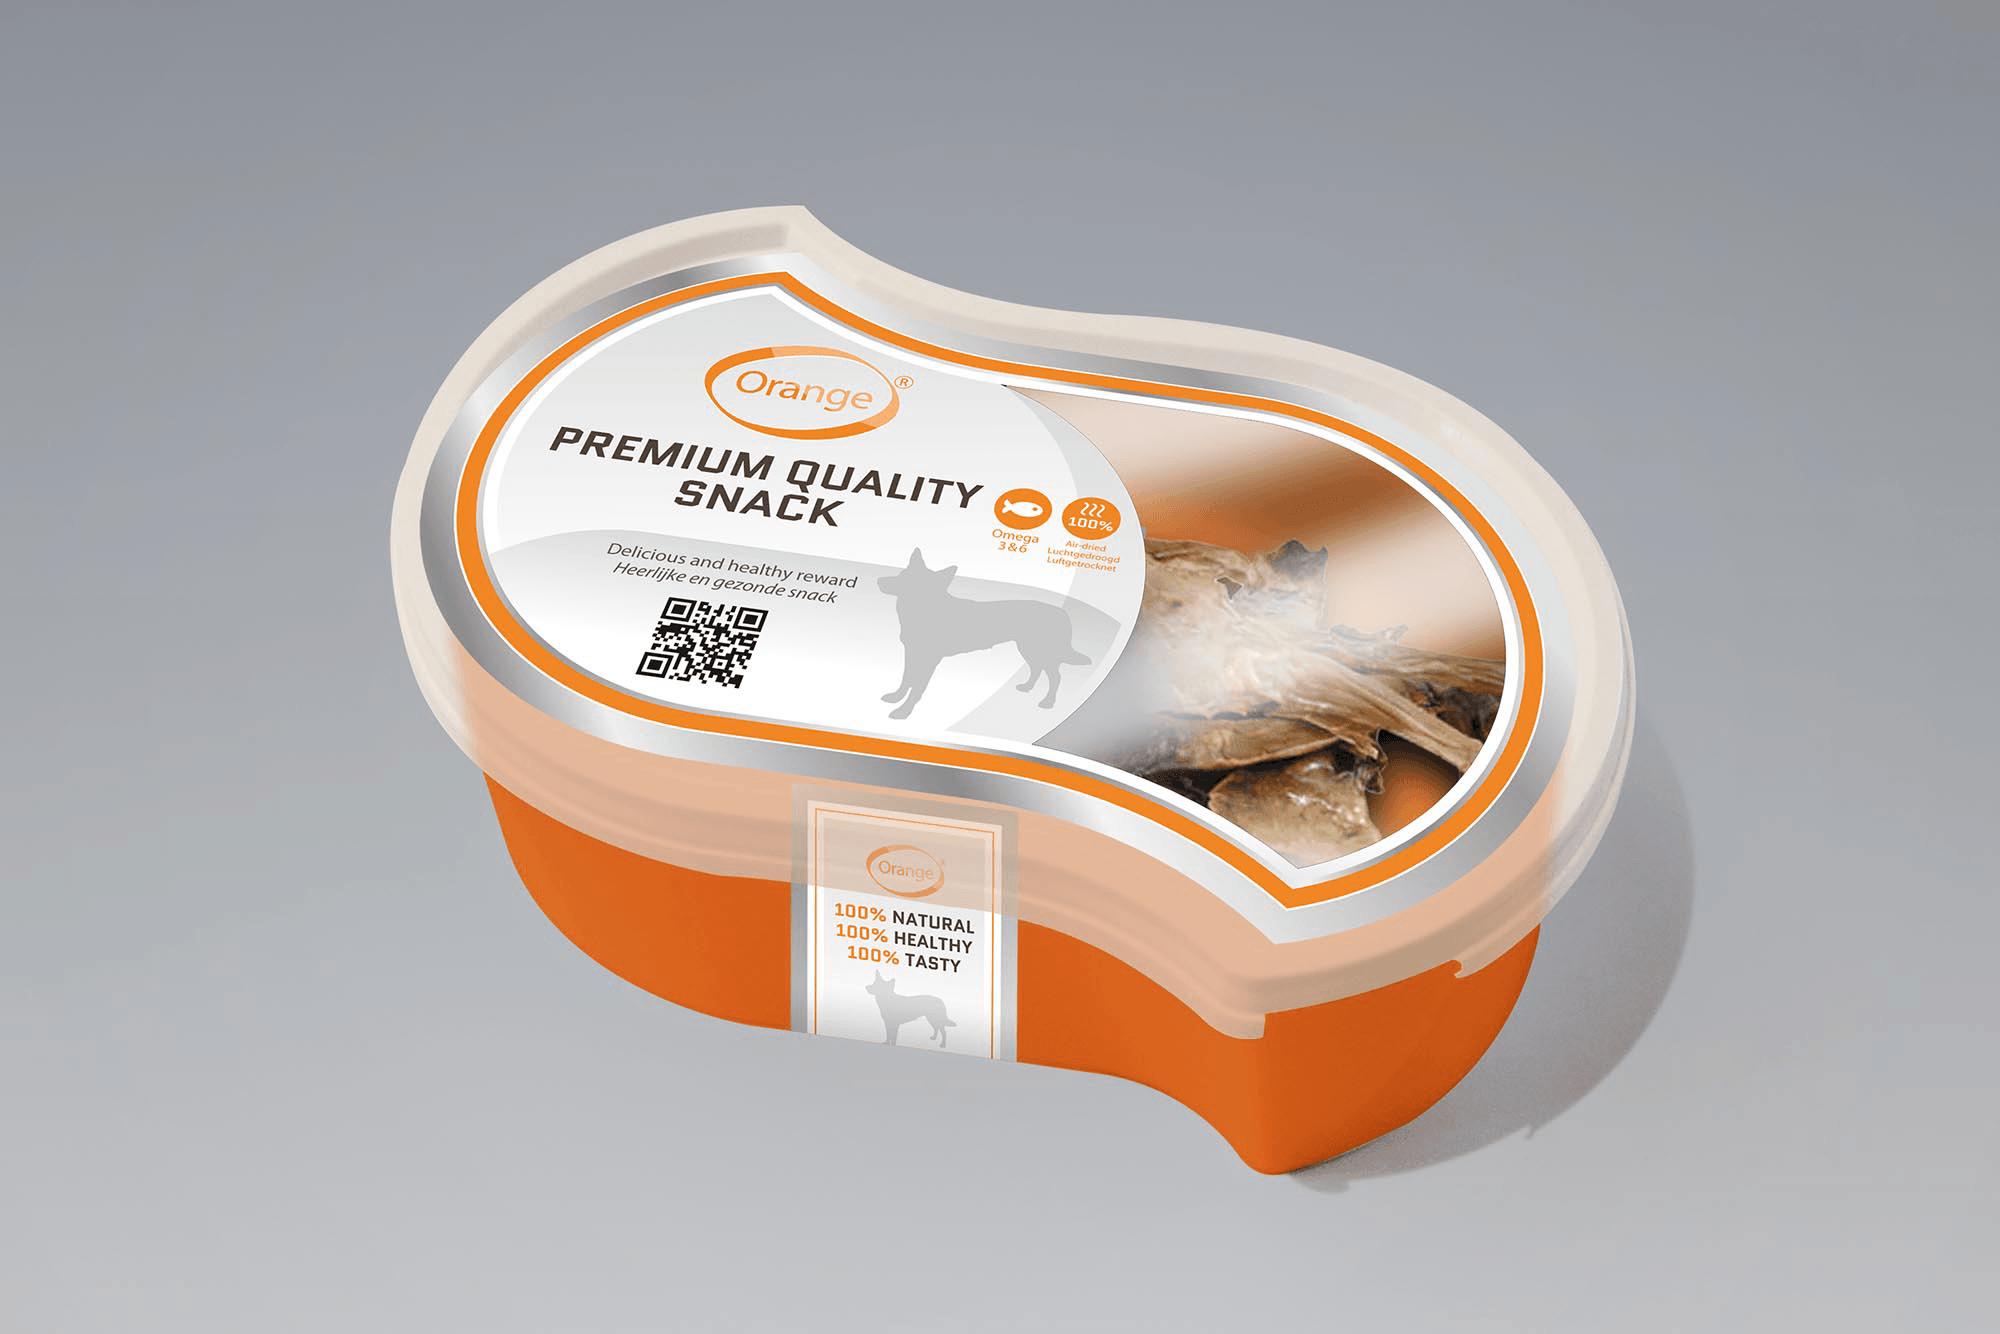 Verpakking Orange 4 Pets